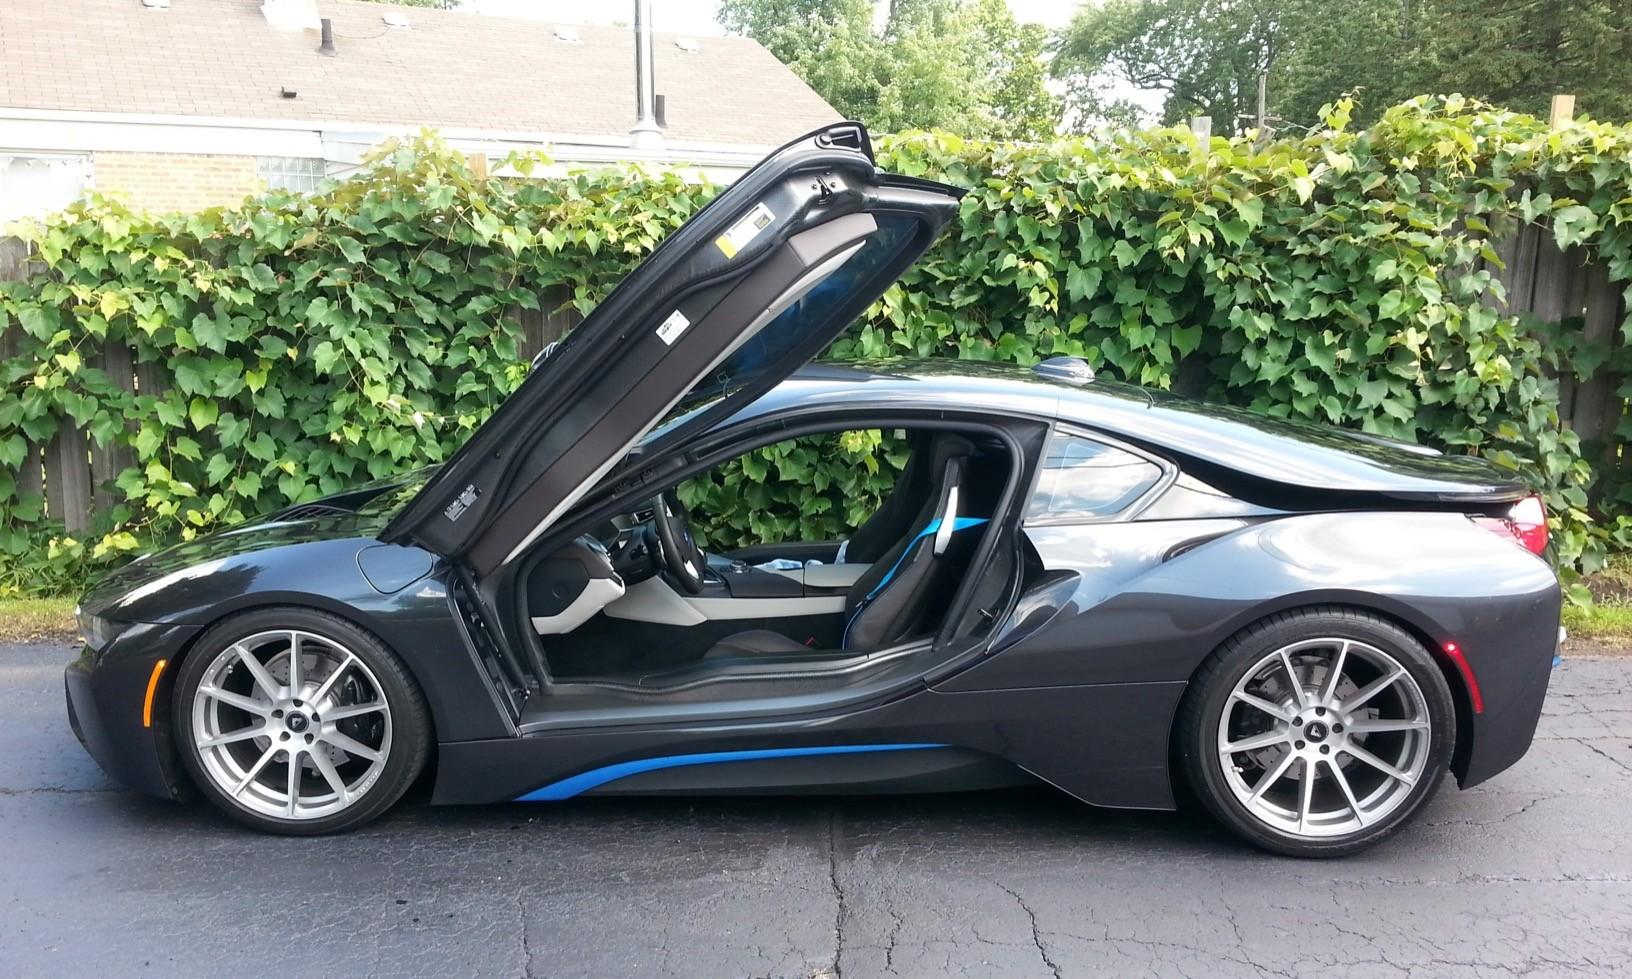 BMW i8 Supercar Hybrid